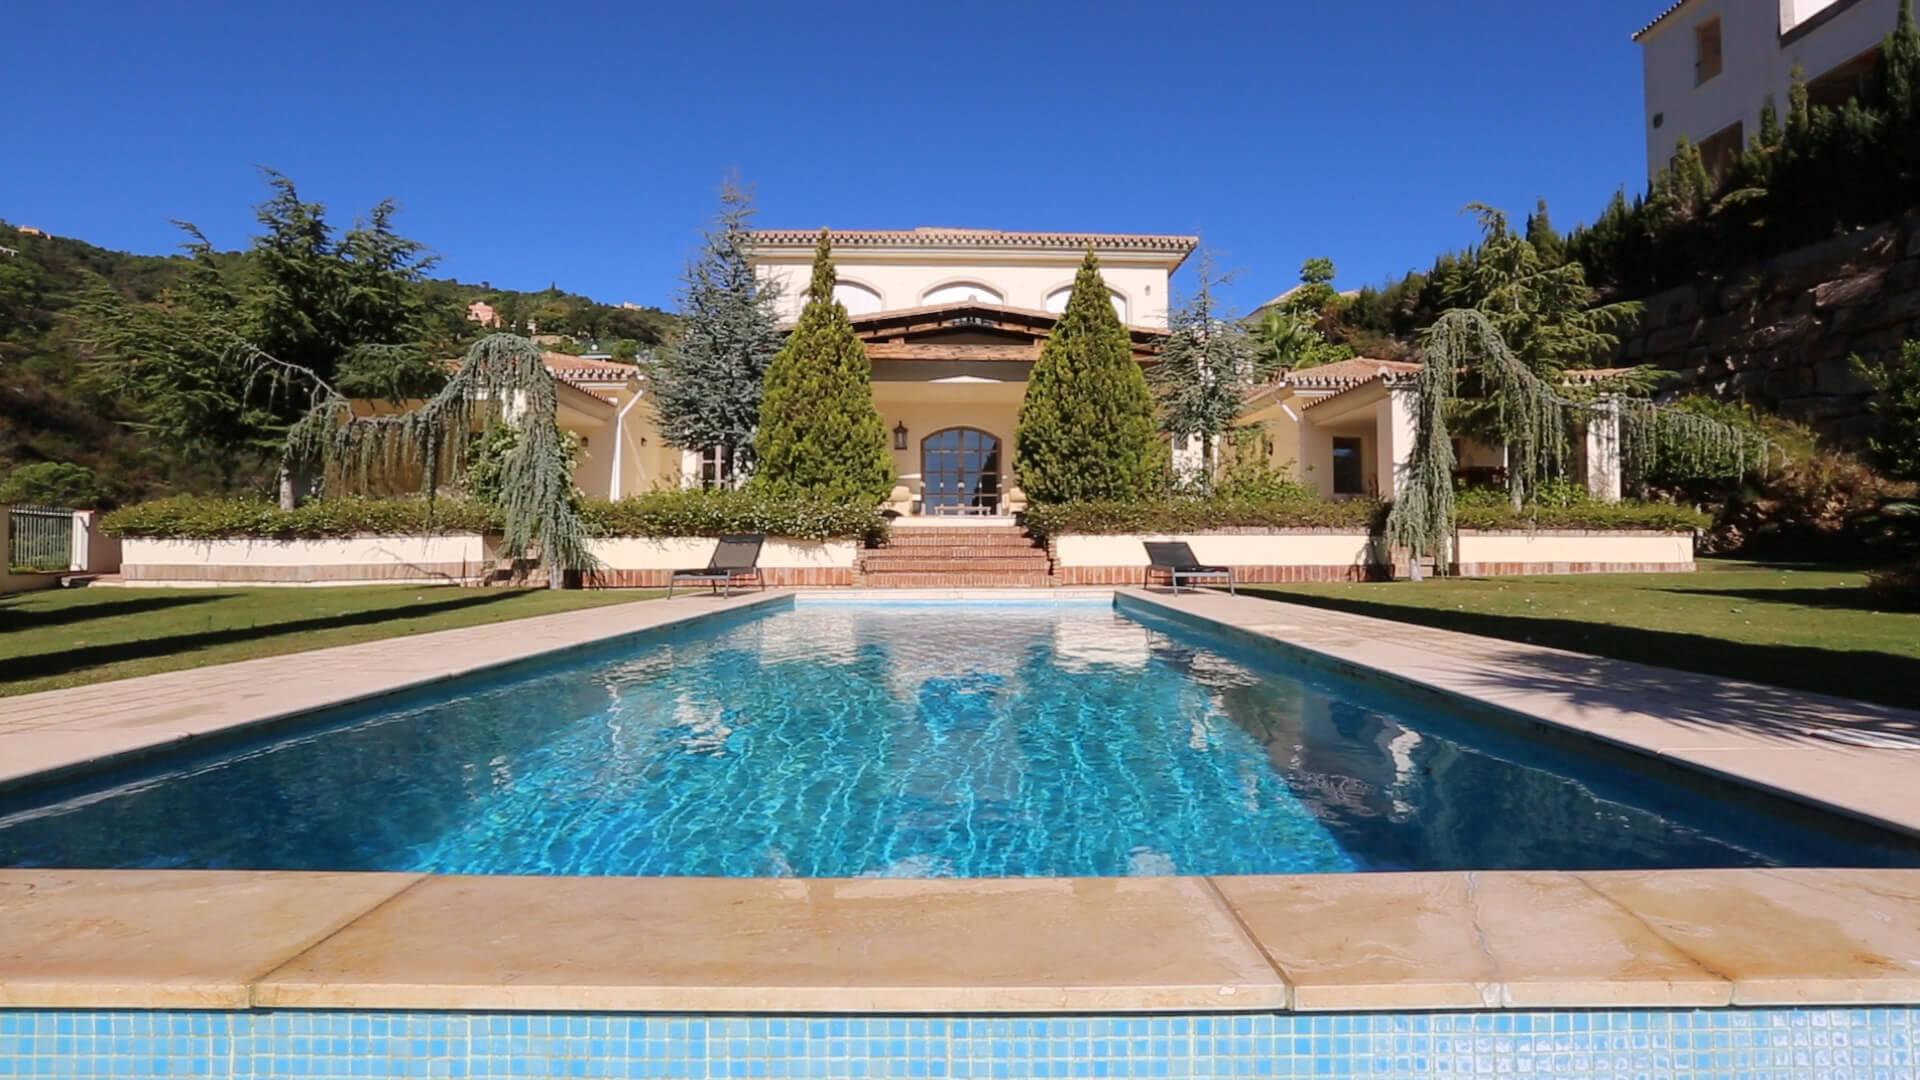 Locations En Espagne 2020 - Locations De Villas Et Maisons ... concernant Location Villa Espagne Avec Piscine Privée